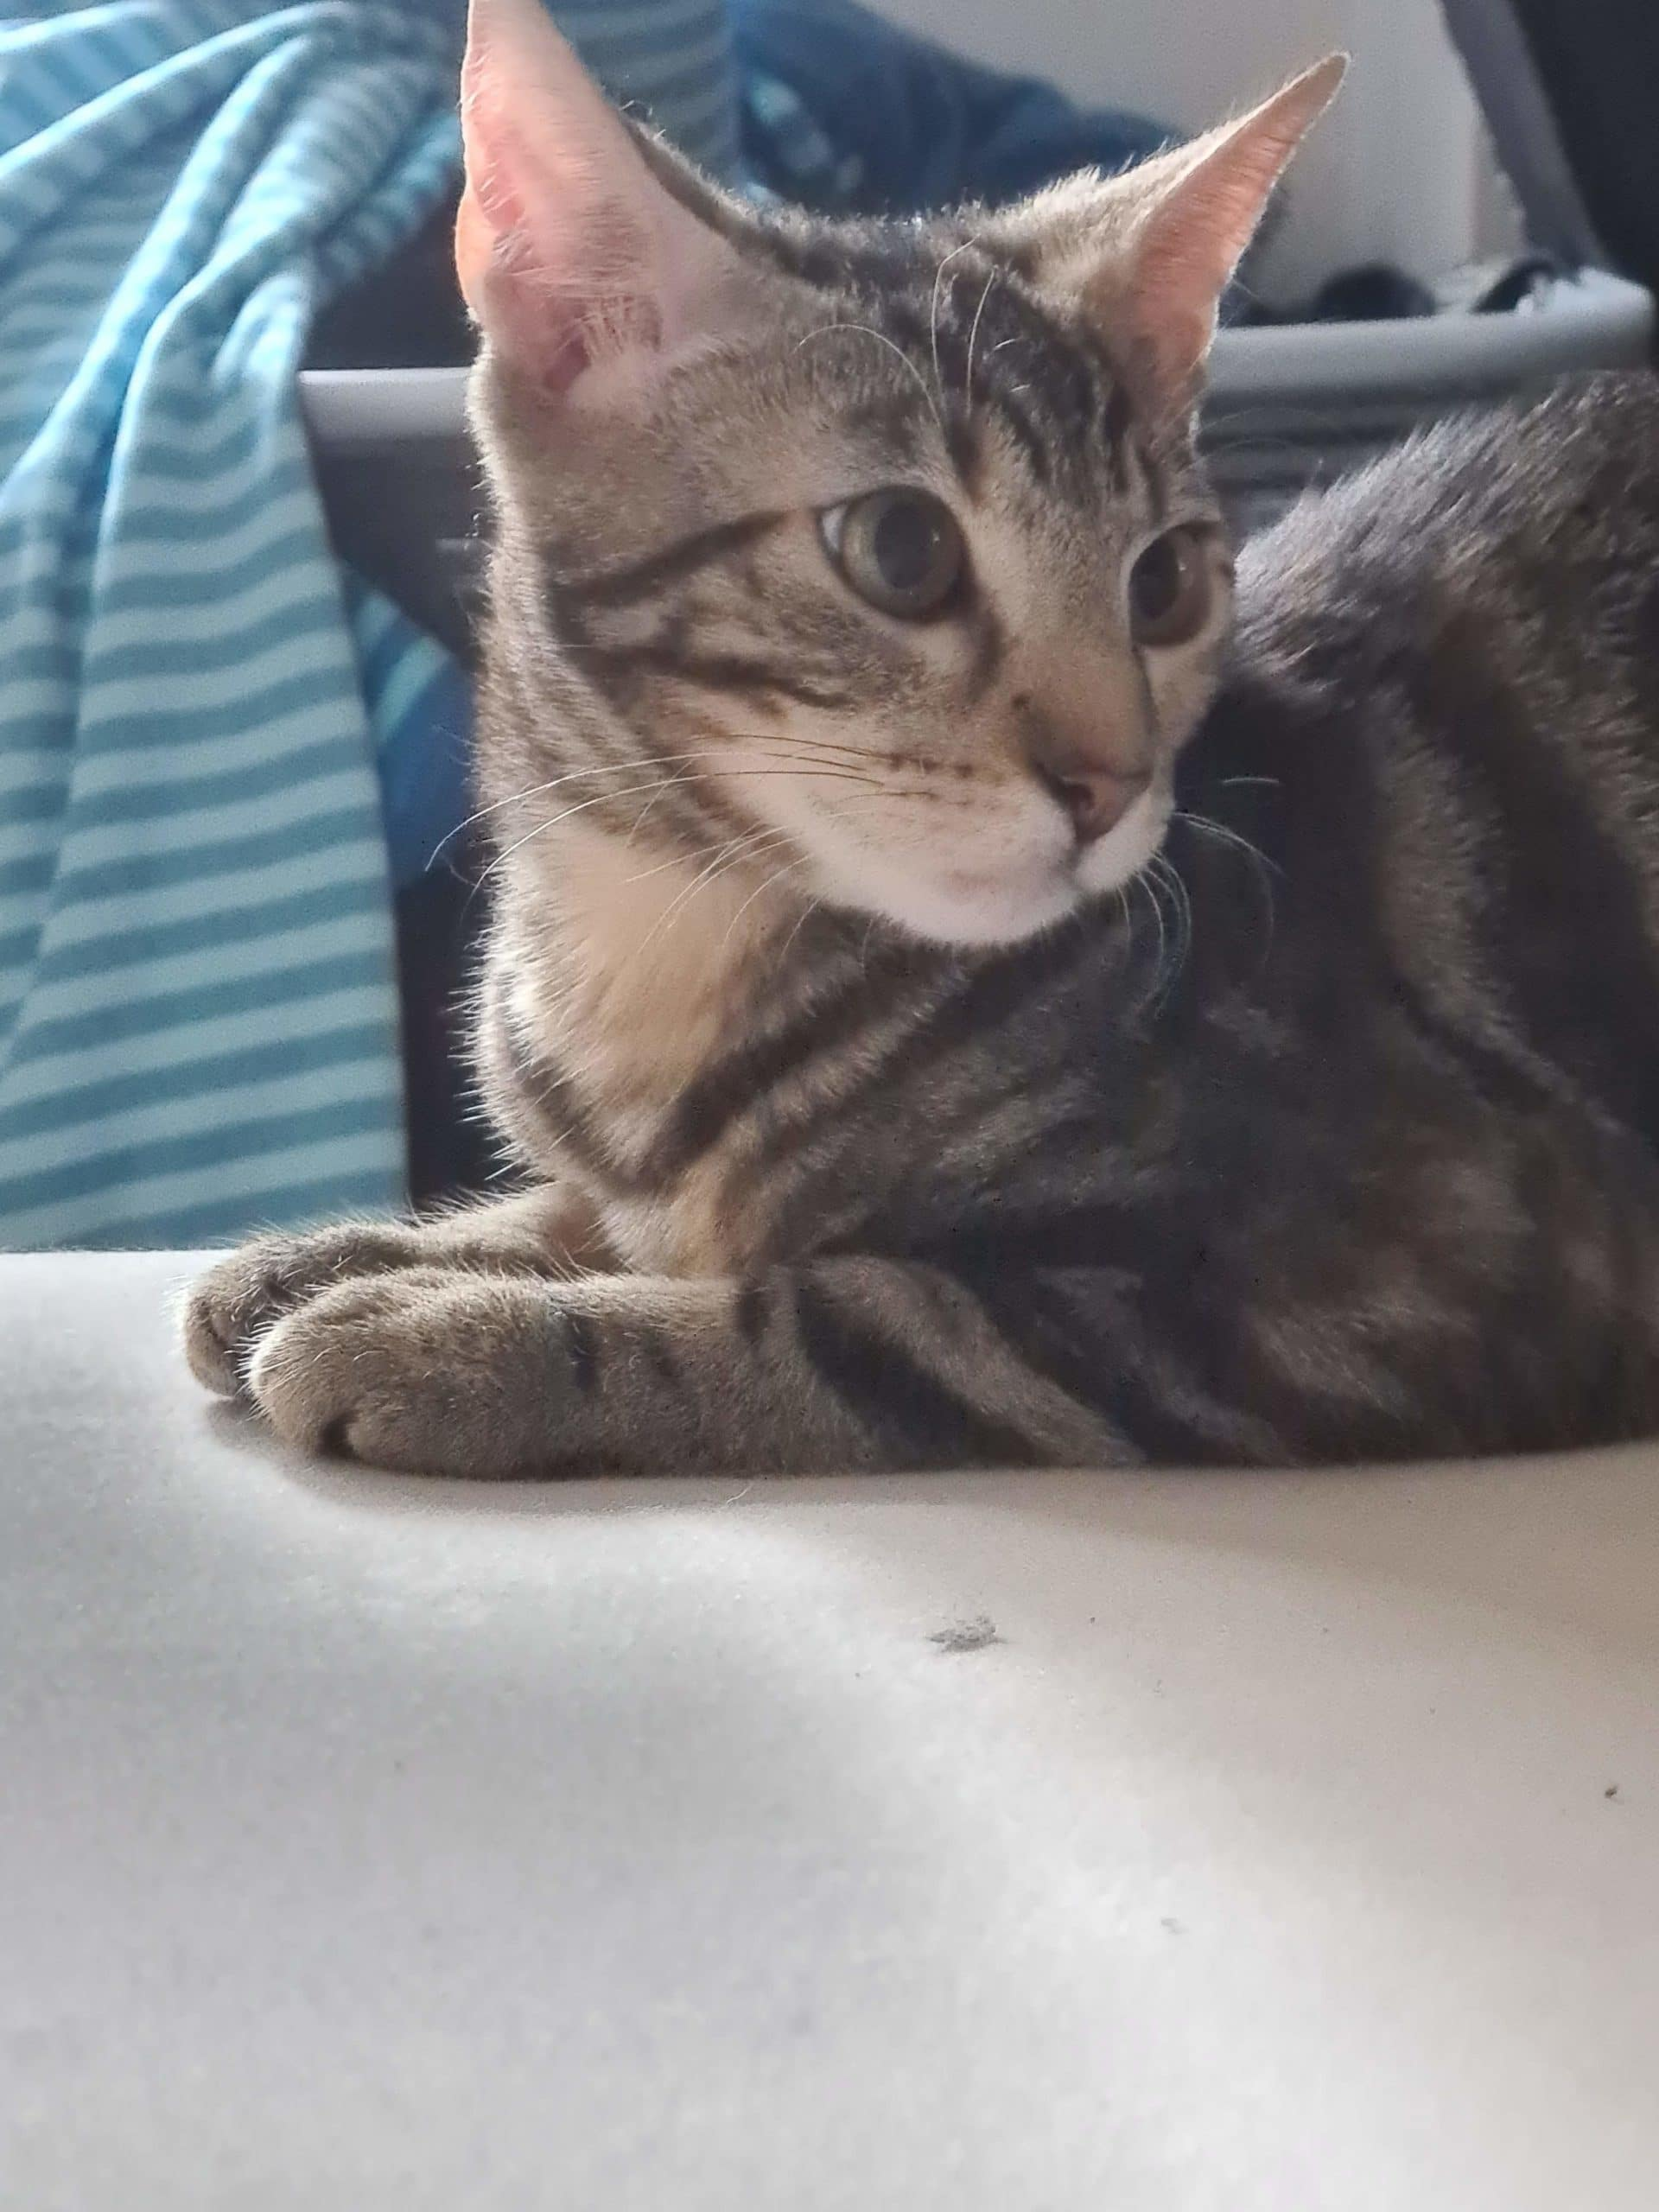 #14 Ist diese Katze nicht wunderschön?